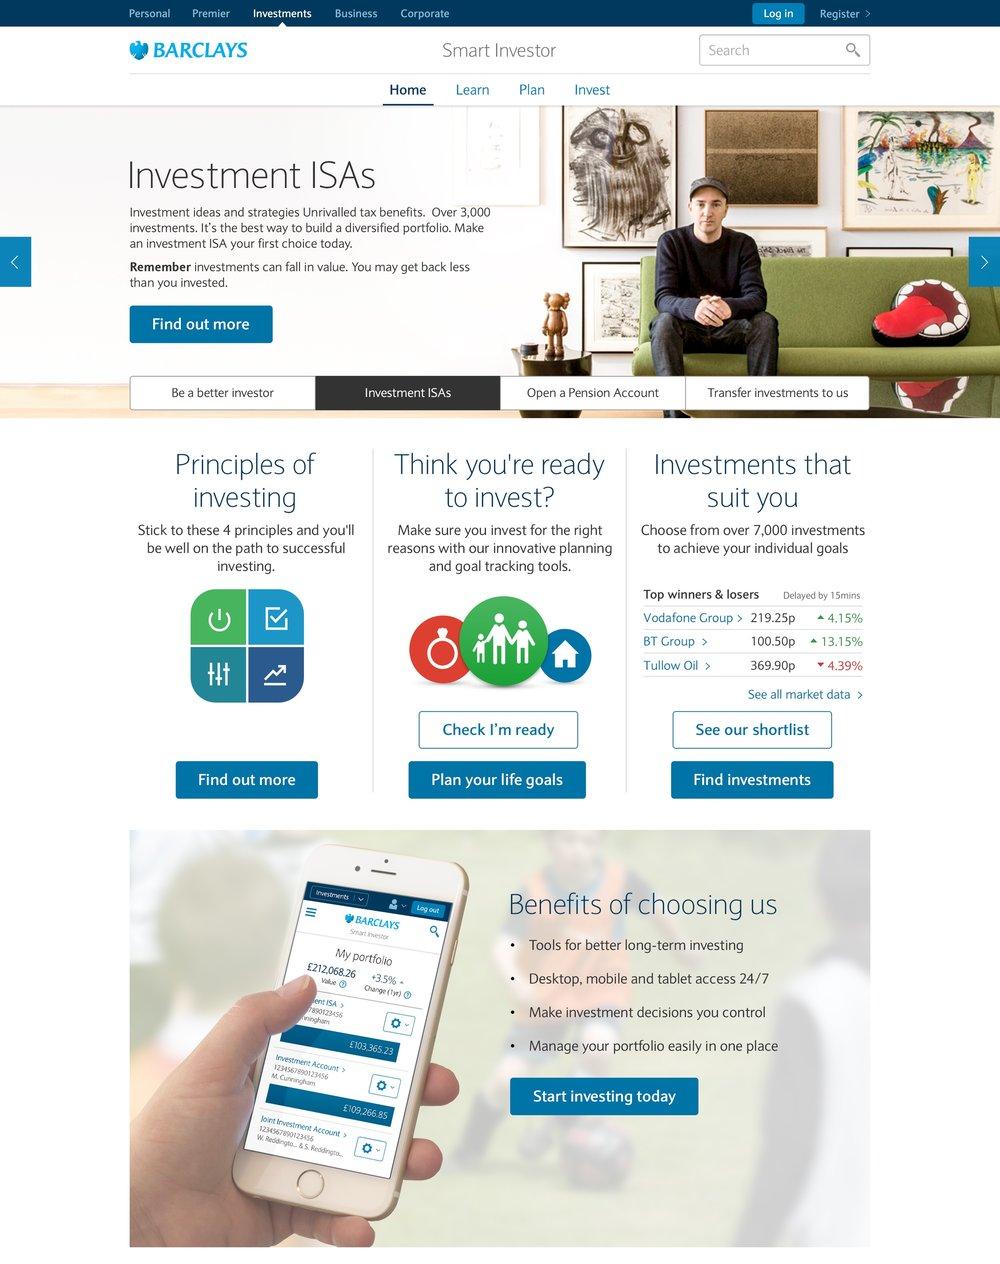 smart_investor_clive3.jpg